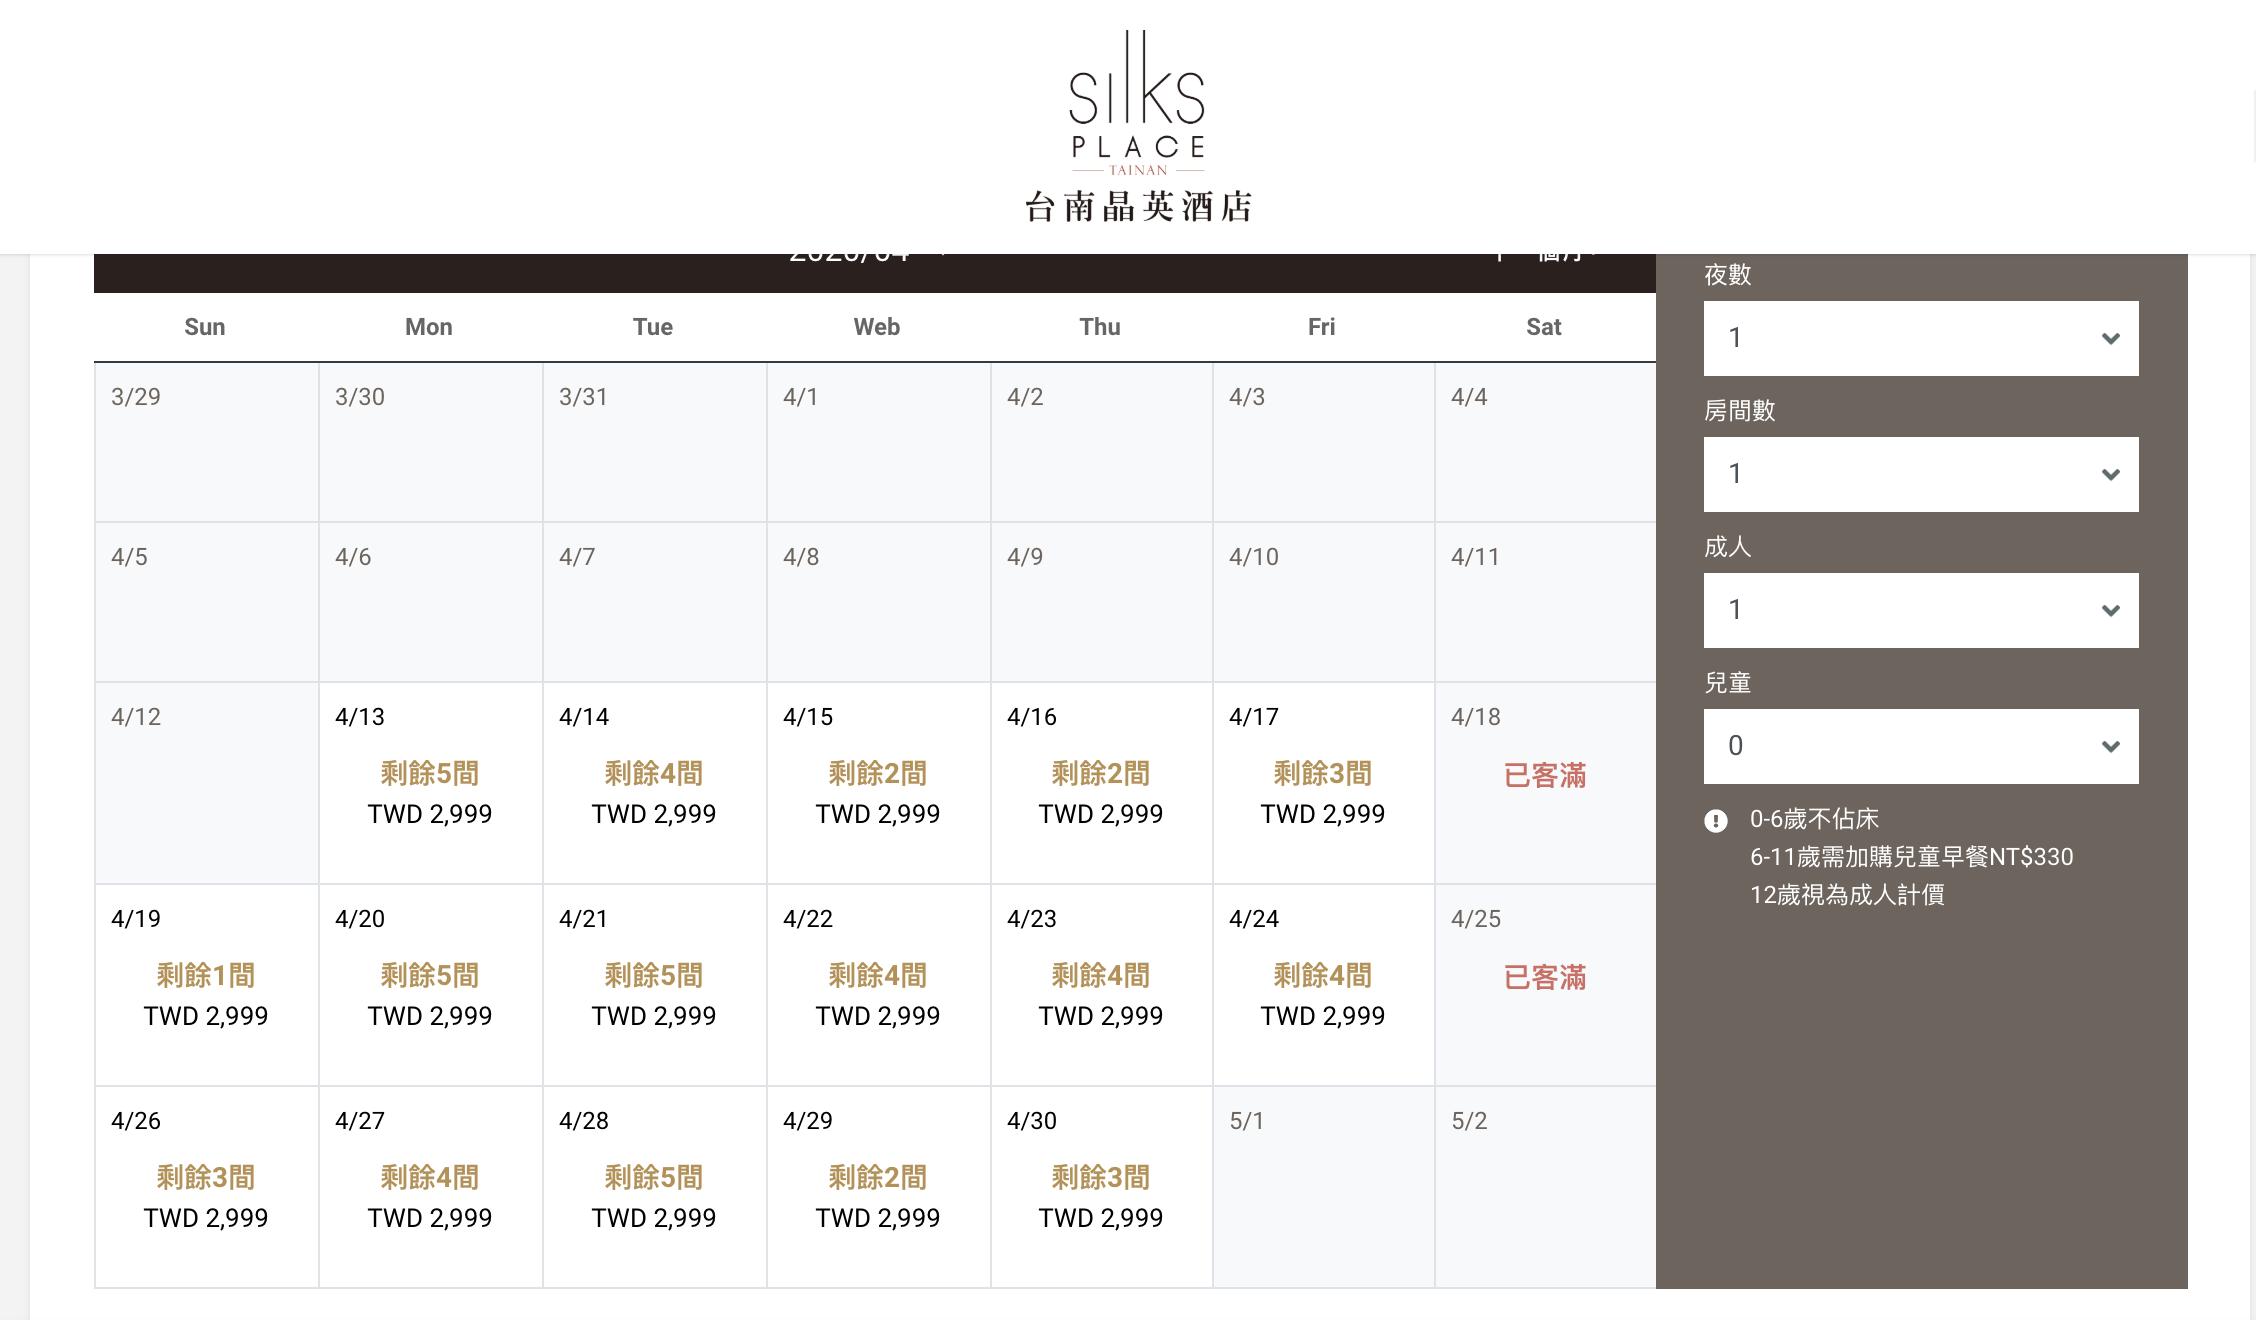 台南晶英限時促銷,4/30前,每日5間2999專案房。台灣十大五星級必入住酒店之一~